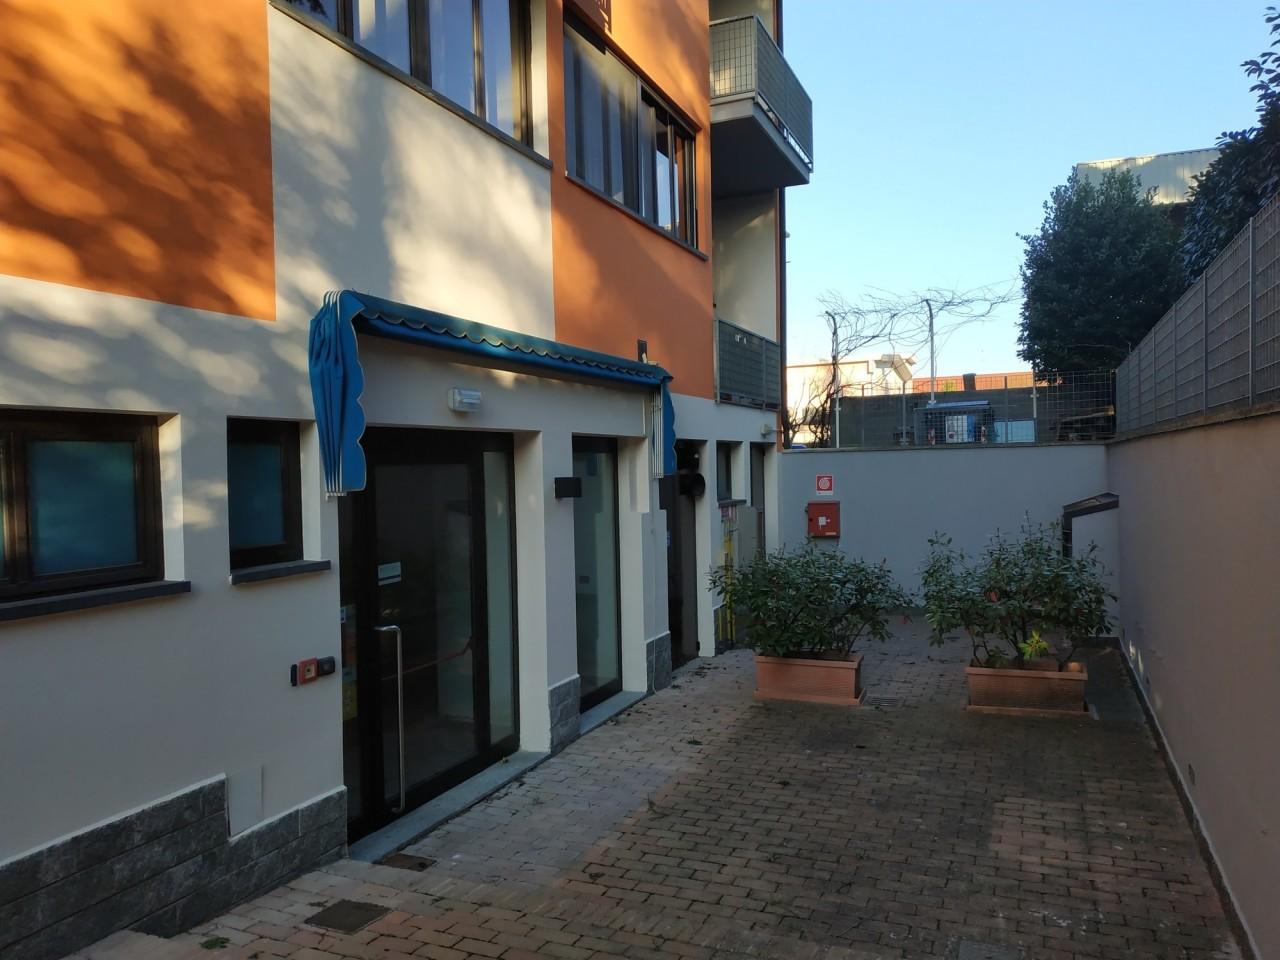 Locale commerciale - 1 Vetrina a Sala Baganza Rif. 9889626